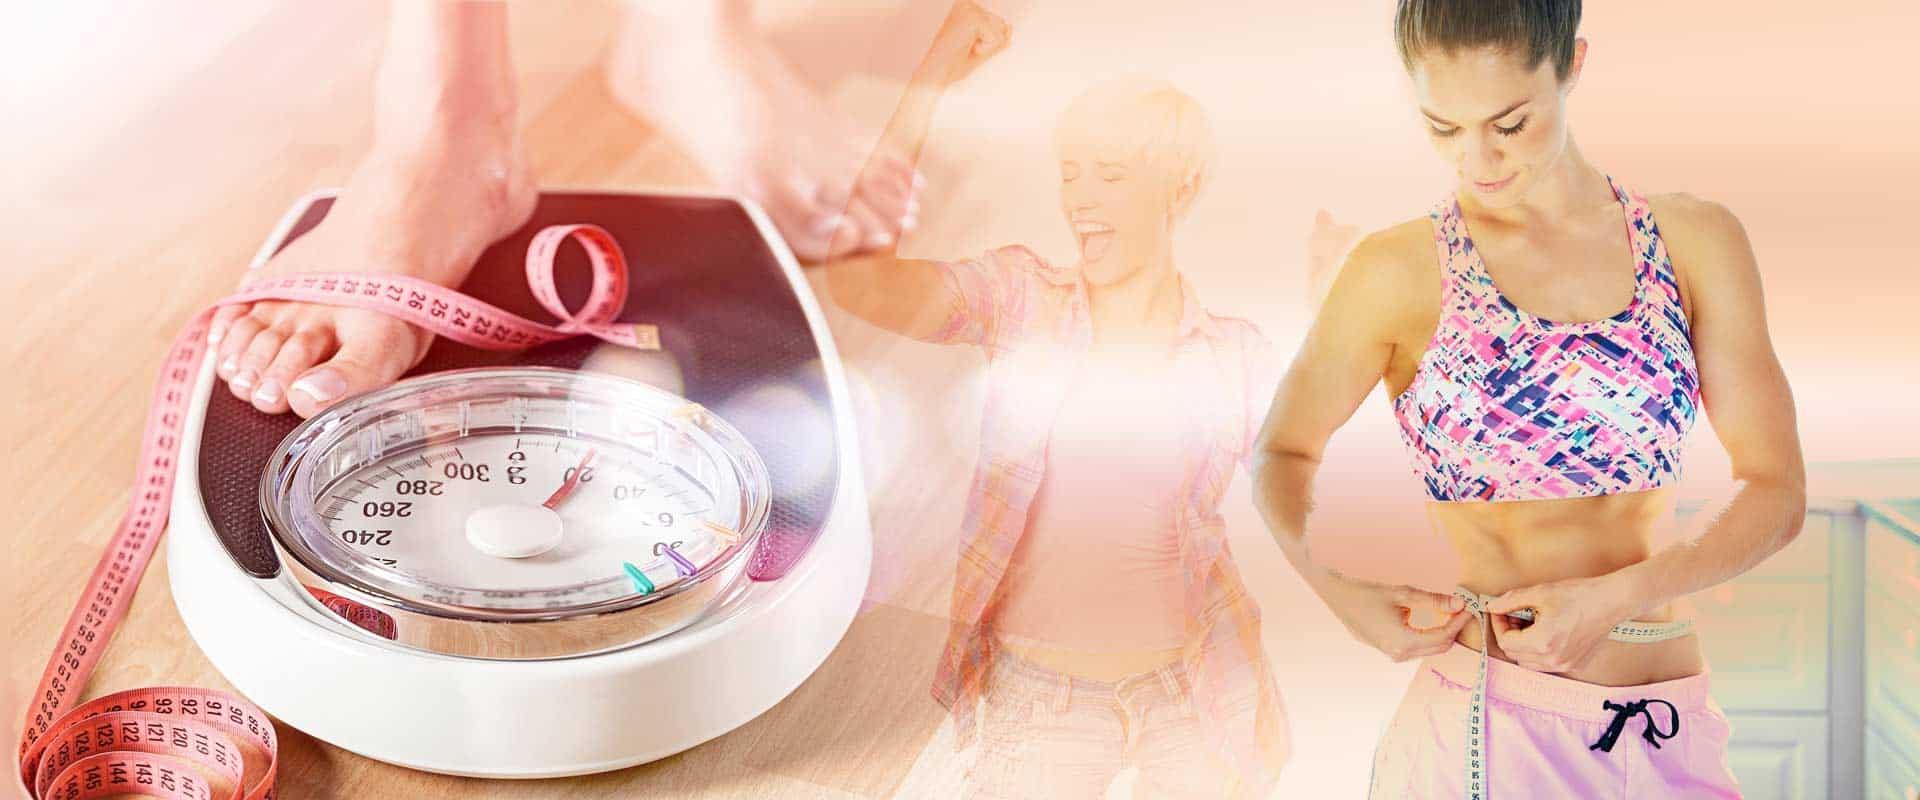 Køb Herbalifeprodukterne online